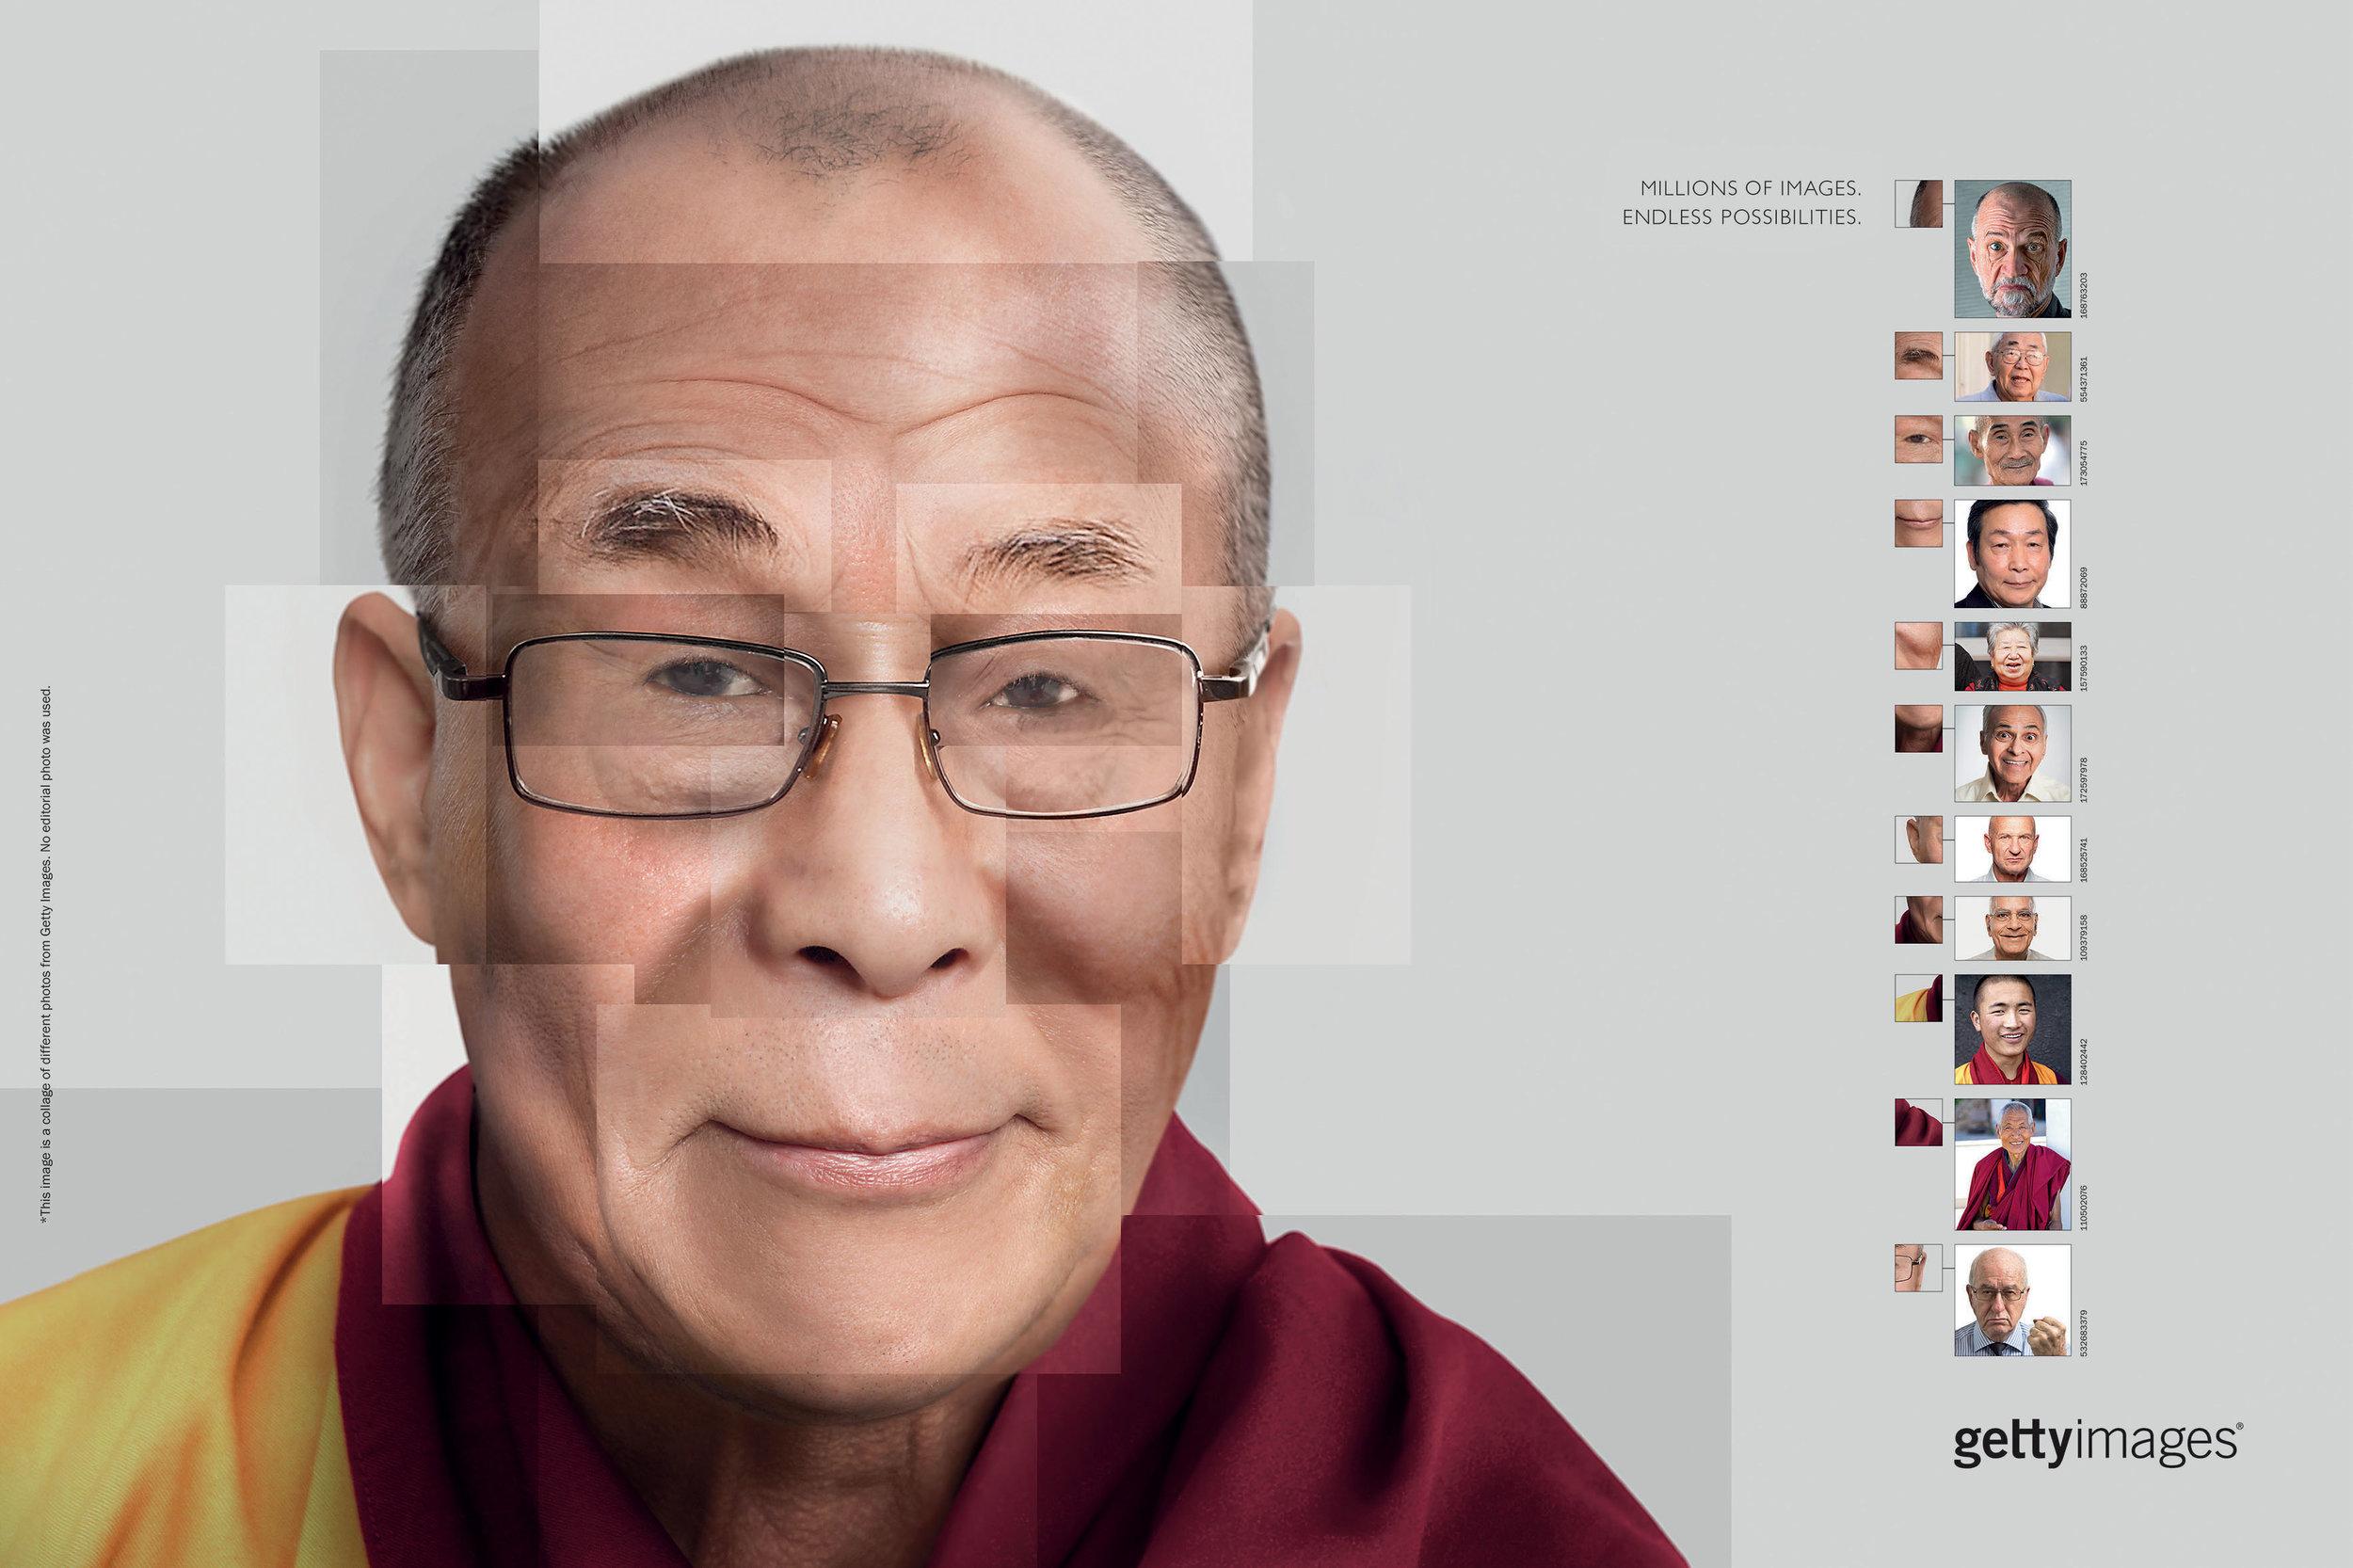 getty_images_endless_possibilities_dalai_lama.jpg